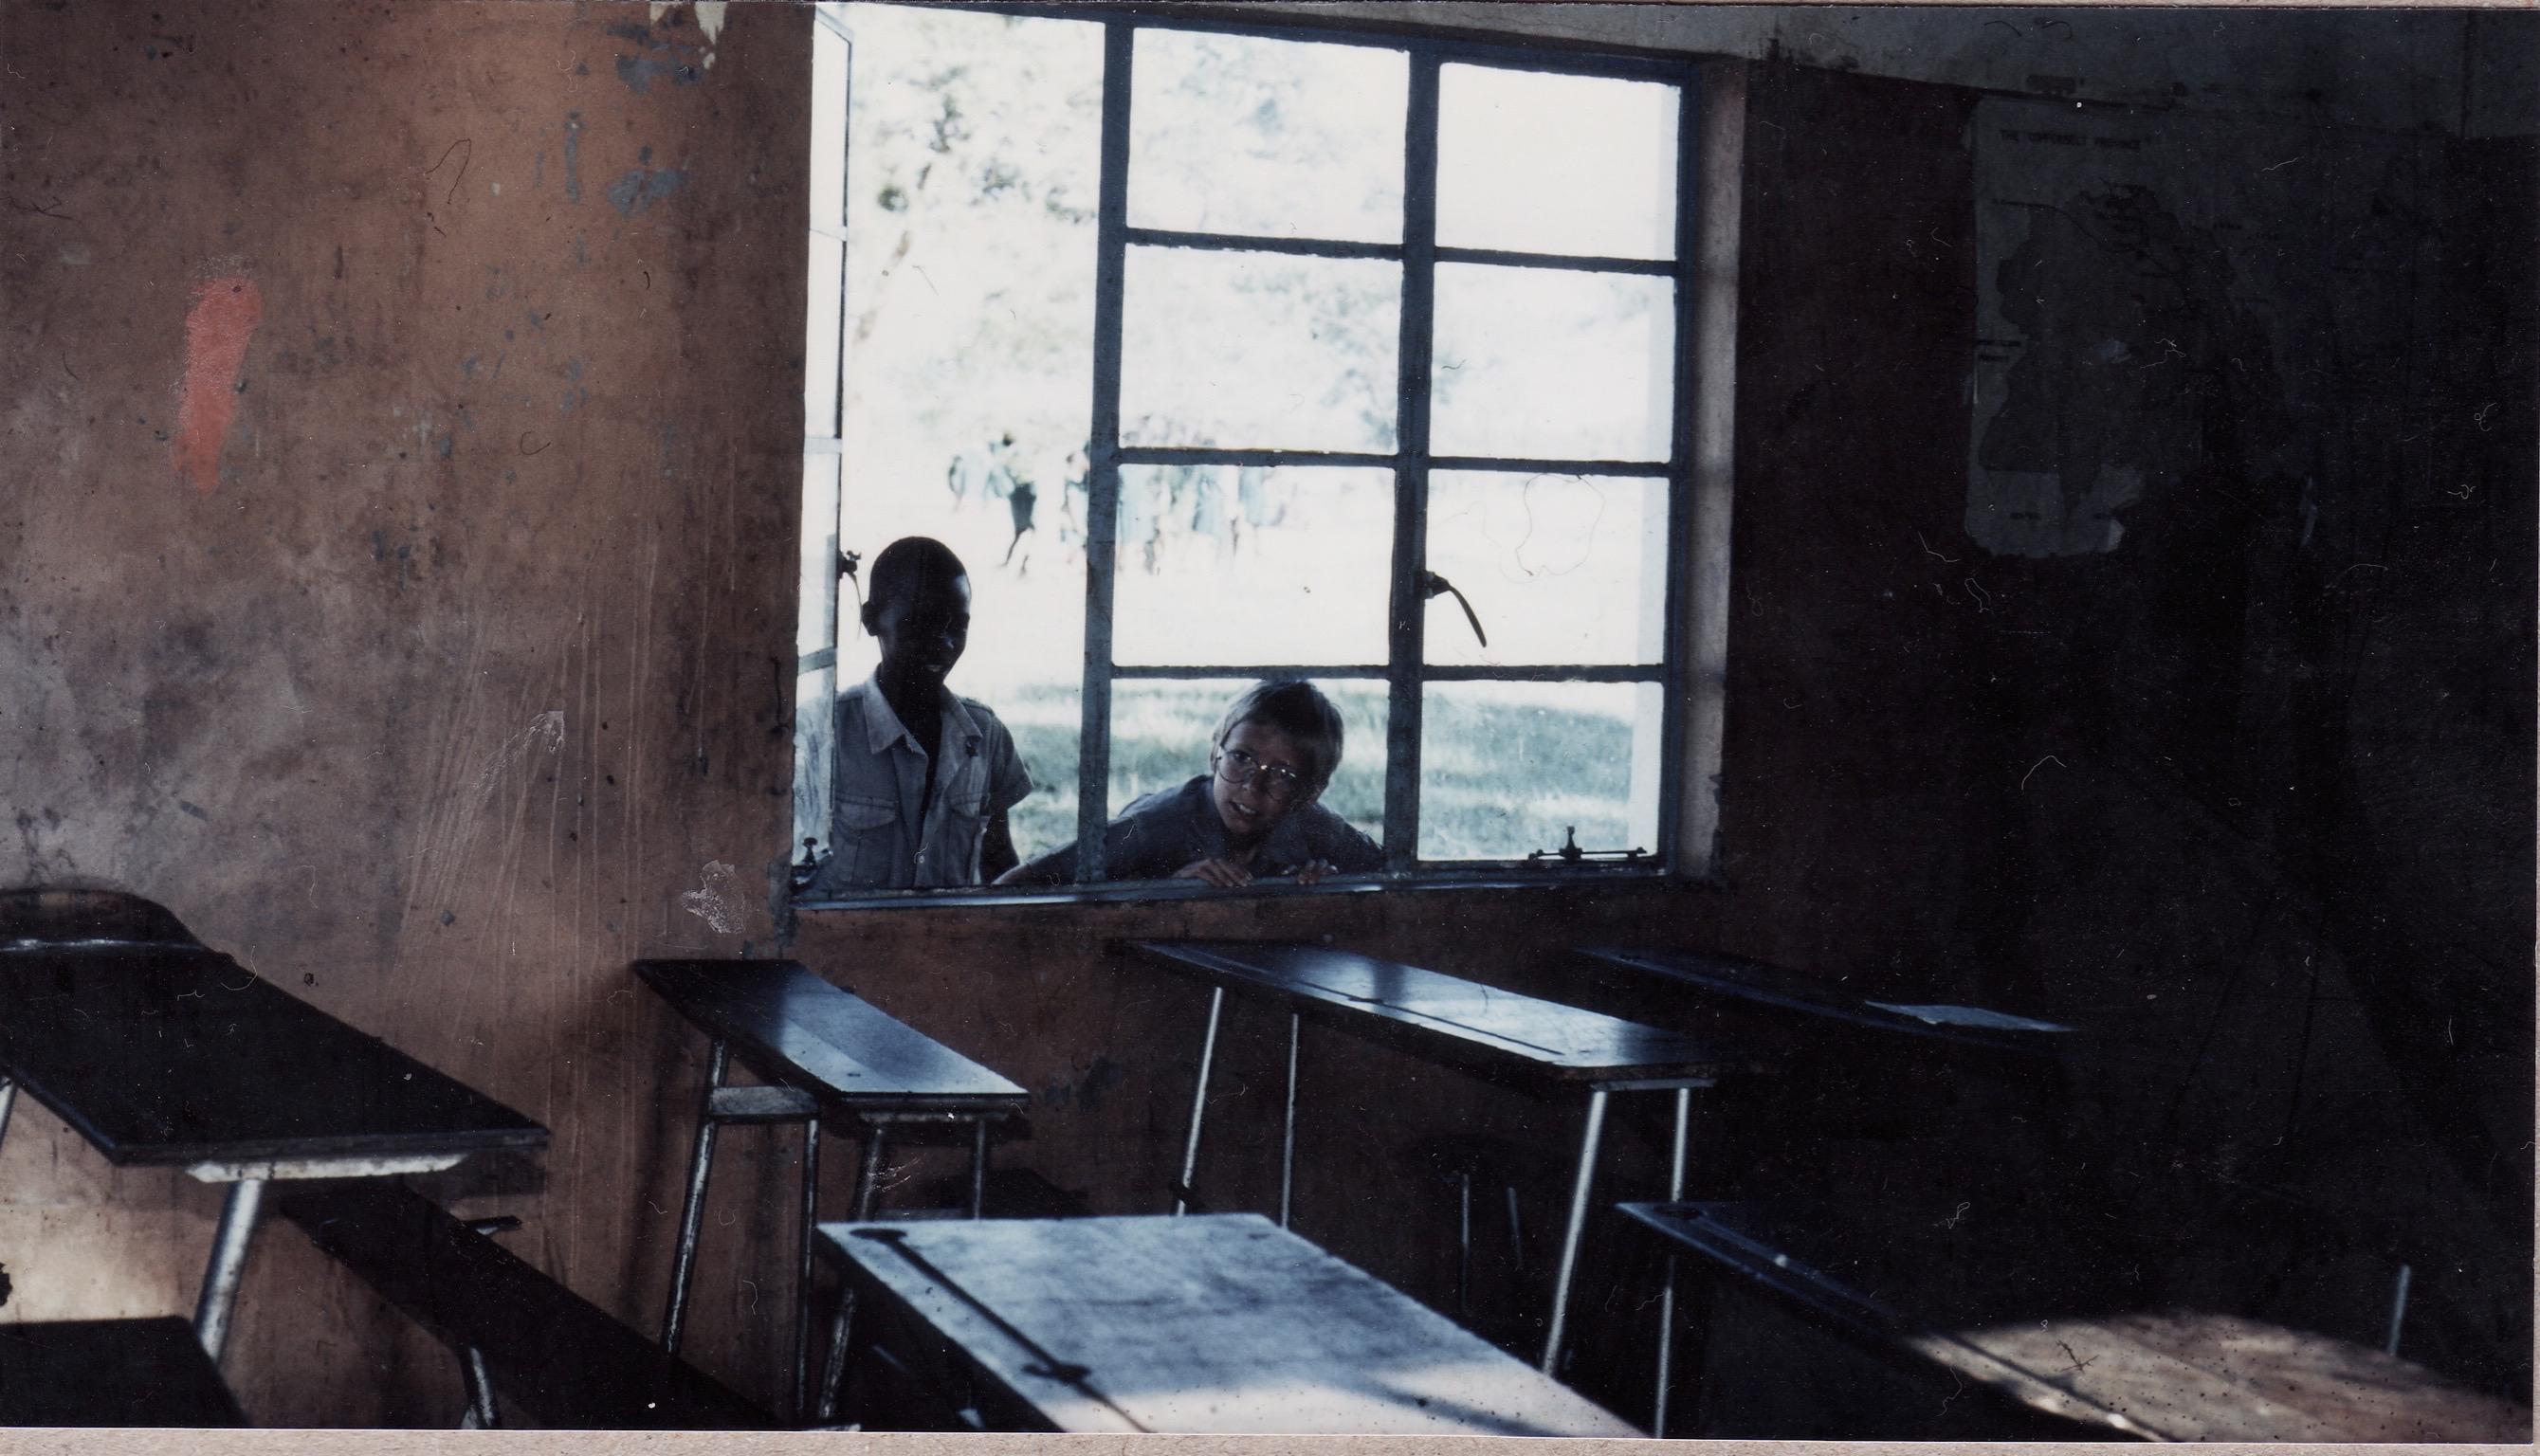 zambia_chibwe_1981_classroom